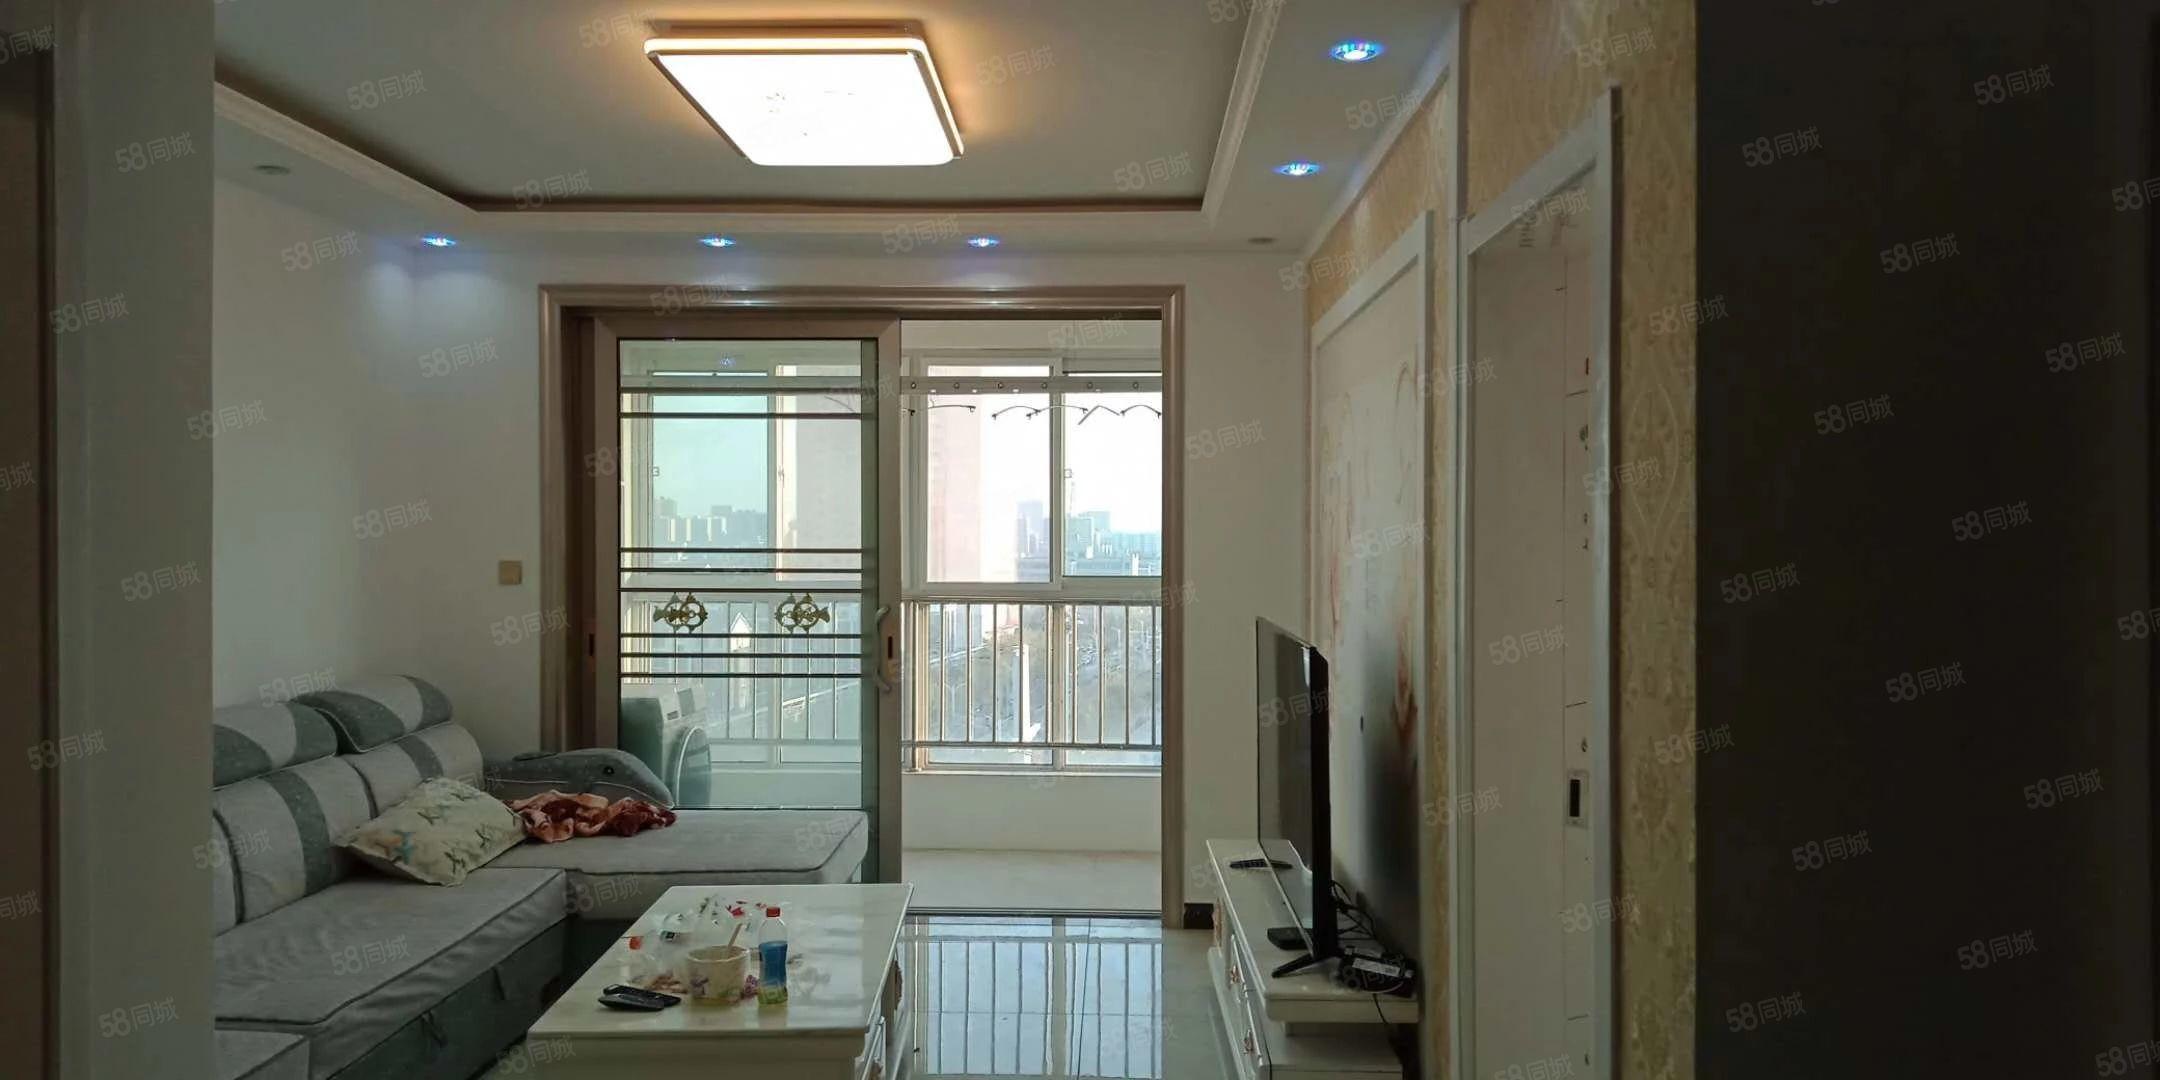 出售金色阳光12楼91平精装2室2厅带家电家具,39万价可议